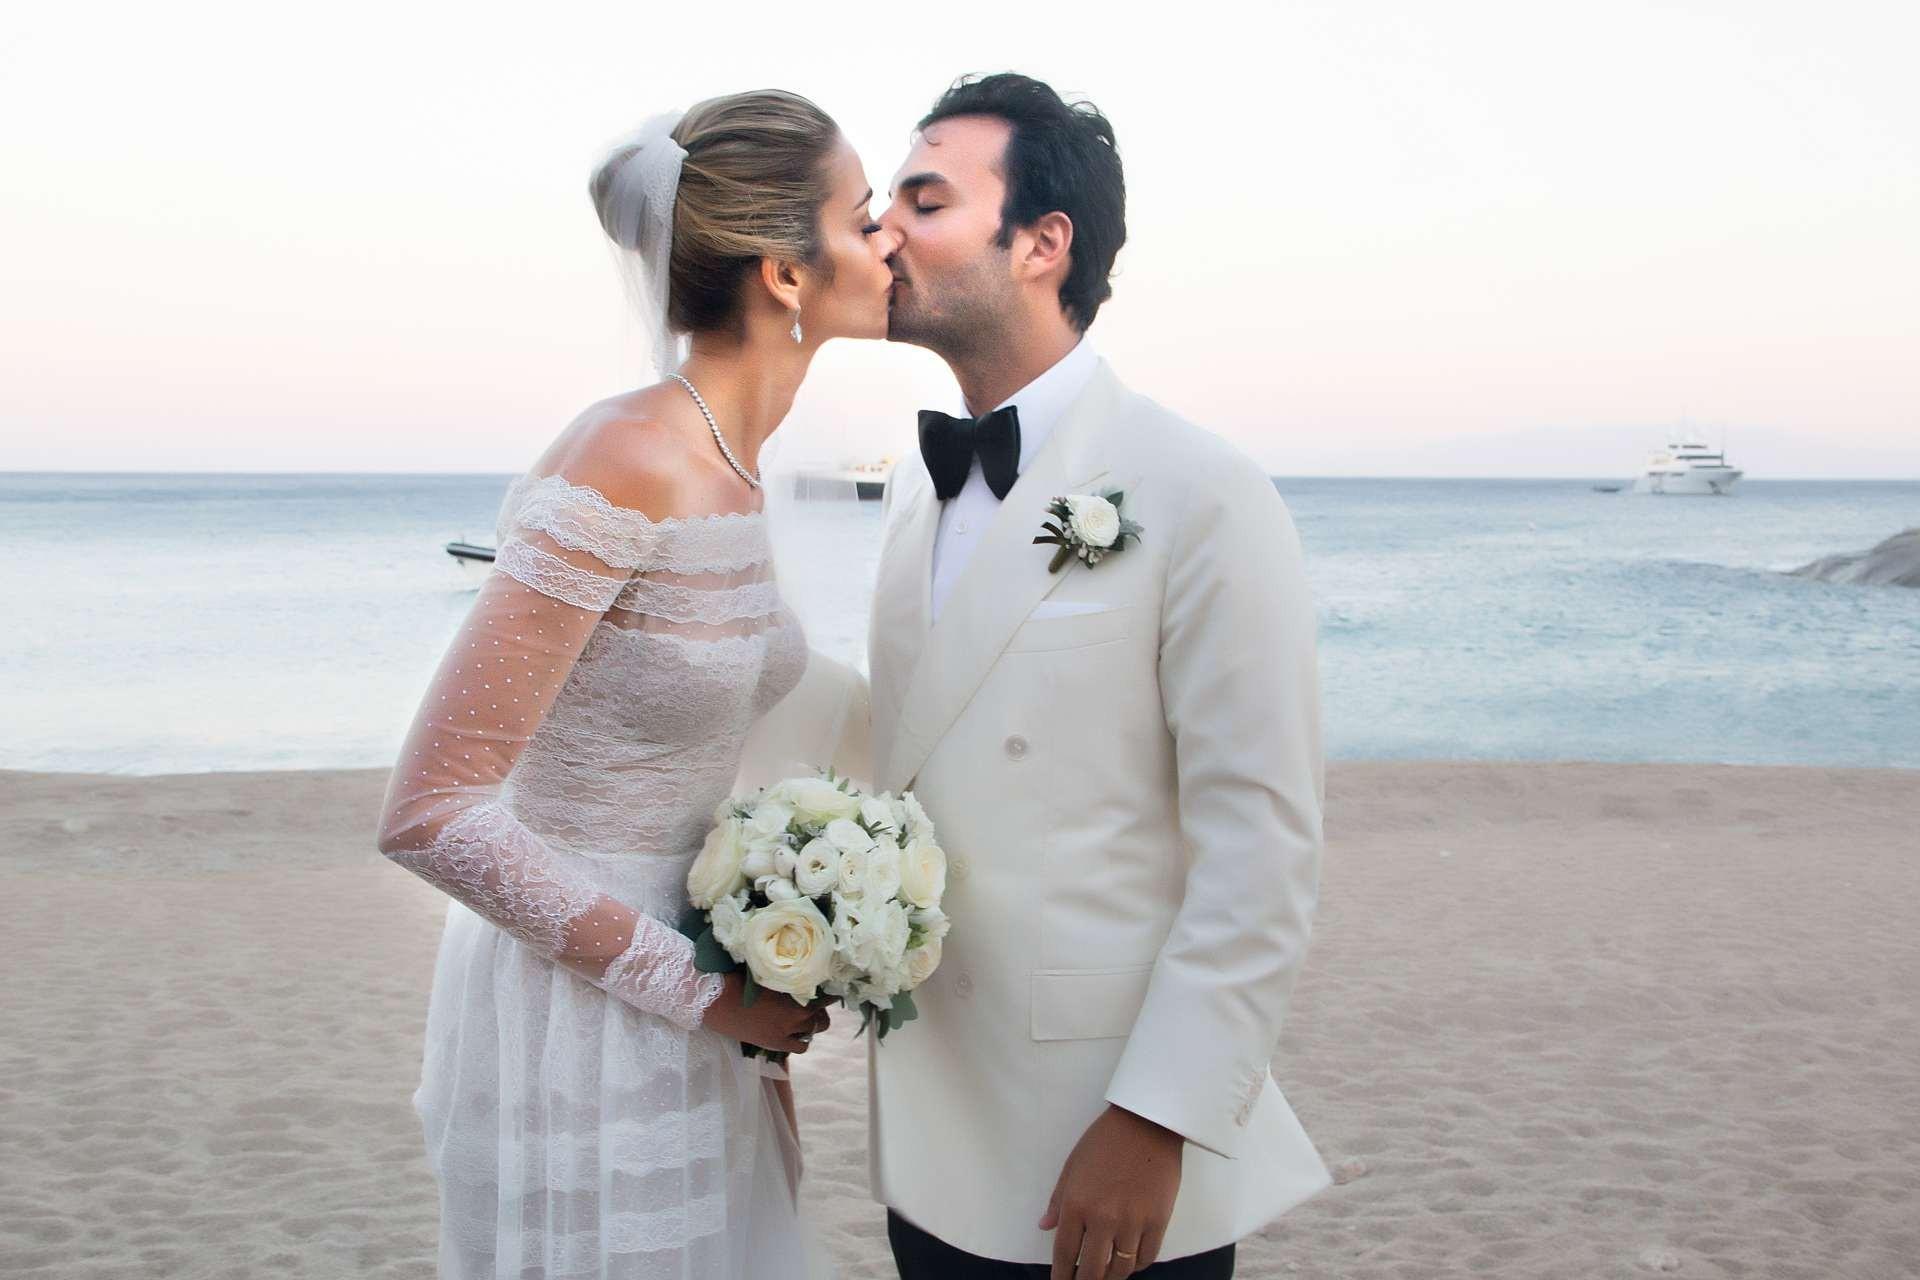 Ana Beatriz Barros e  Karim El Chiaty: casamento (Foto: Marcos Rosa/Ed. Globo, Reprodução Instagram)